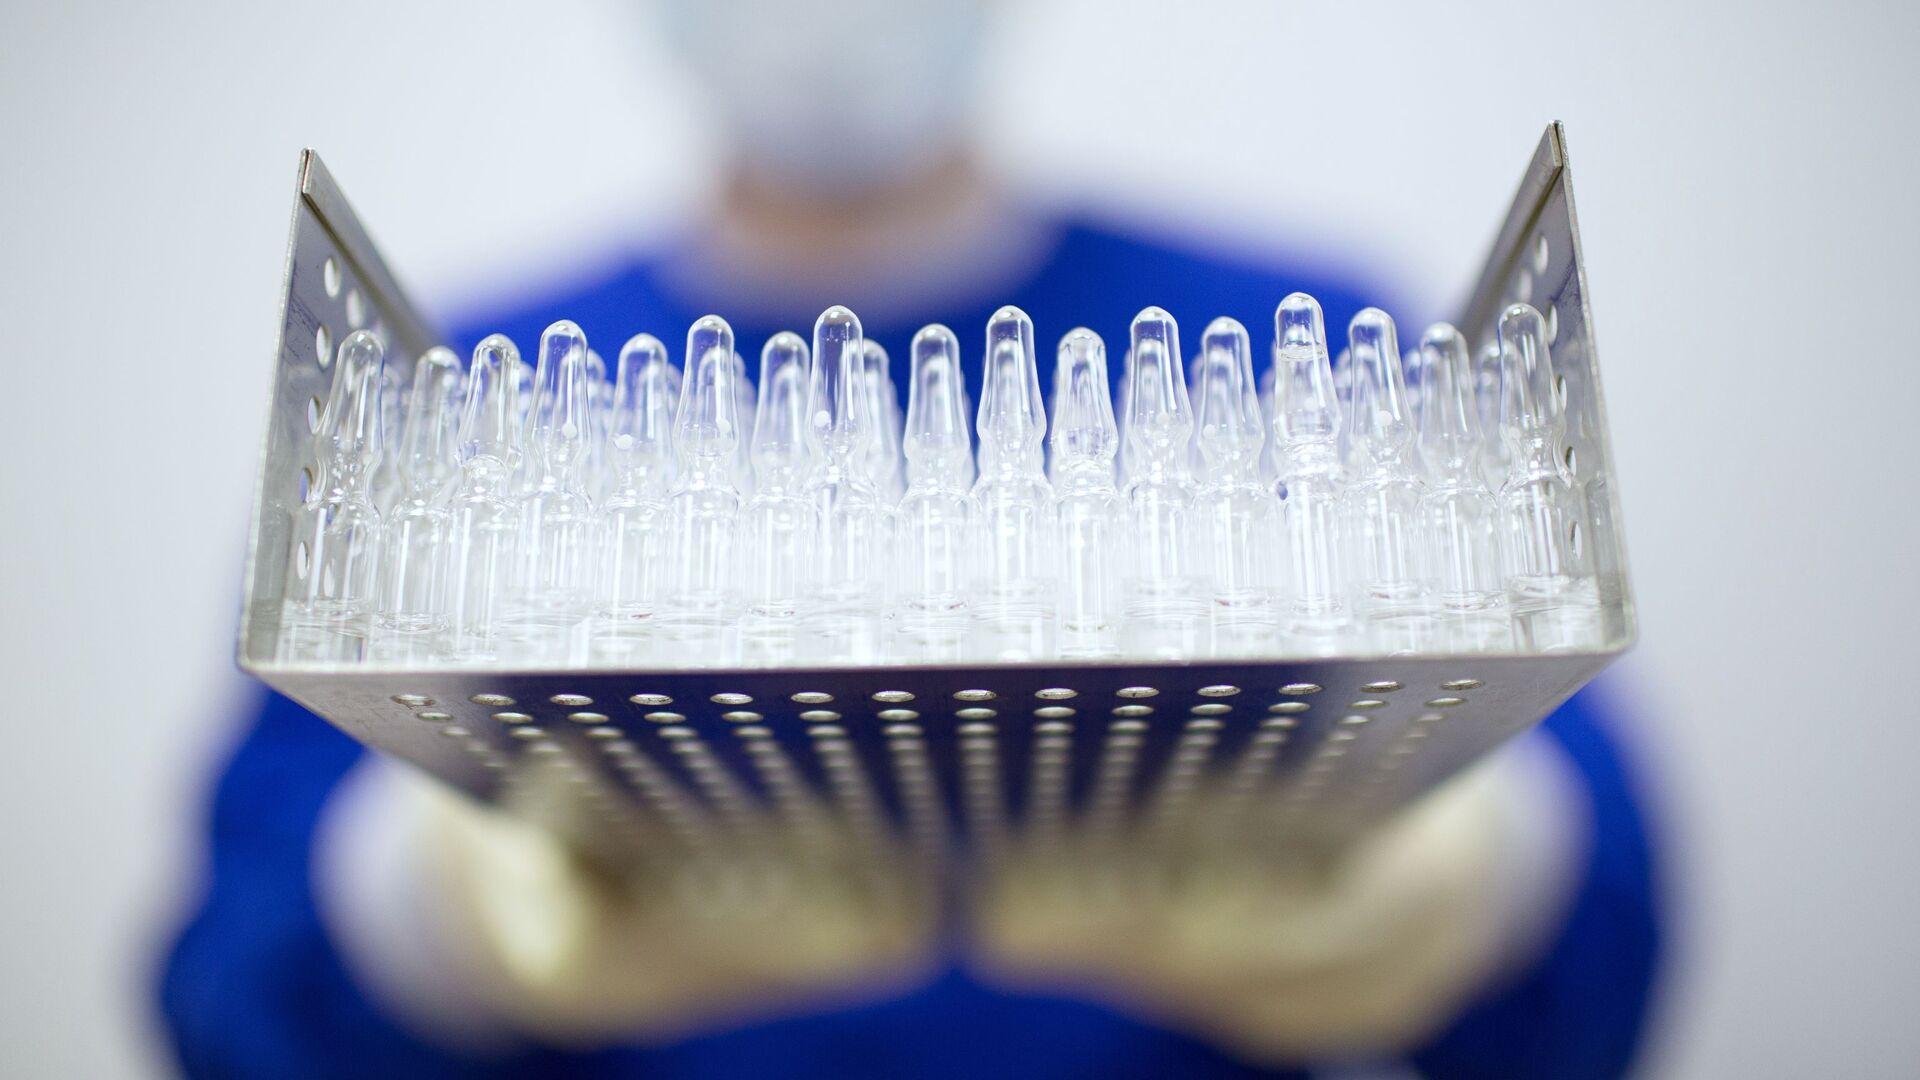 Výroba vakcíny proti covidu-19 ve farmaceutické společnosti Binnofarm - Sputnik Česká republika, 1920, 26.07.2021